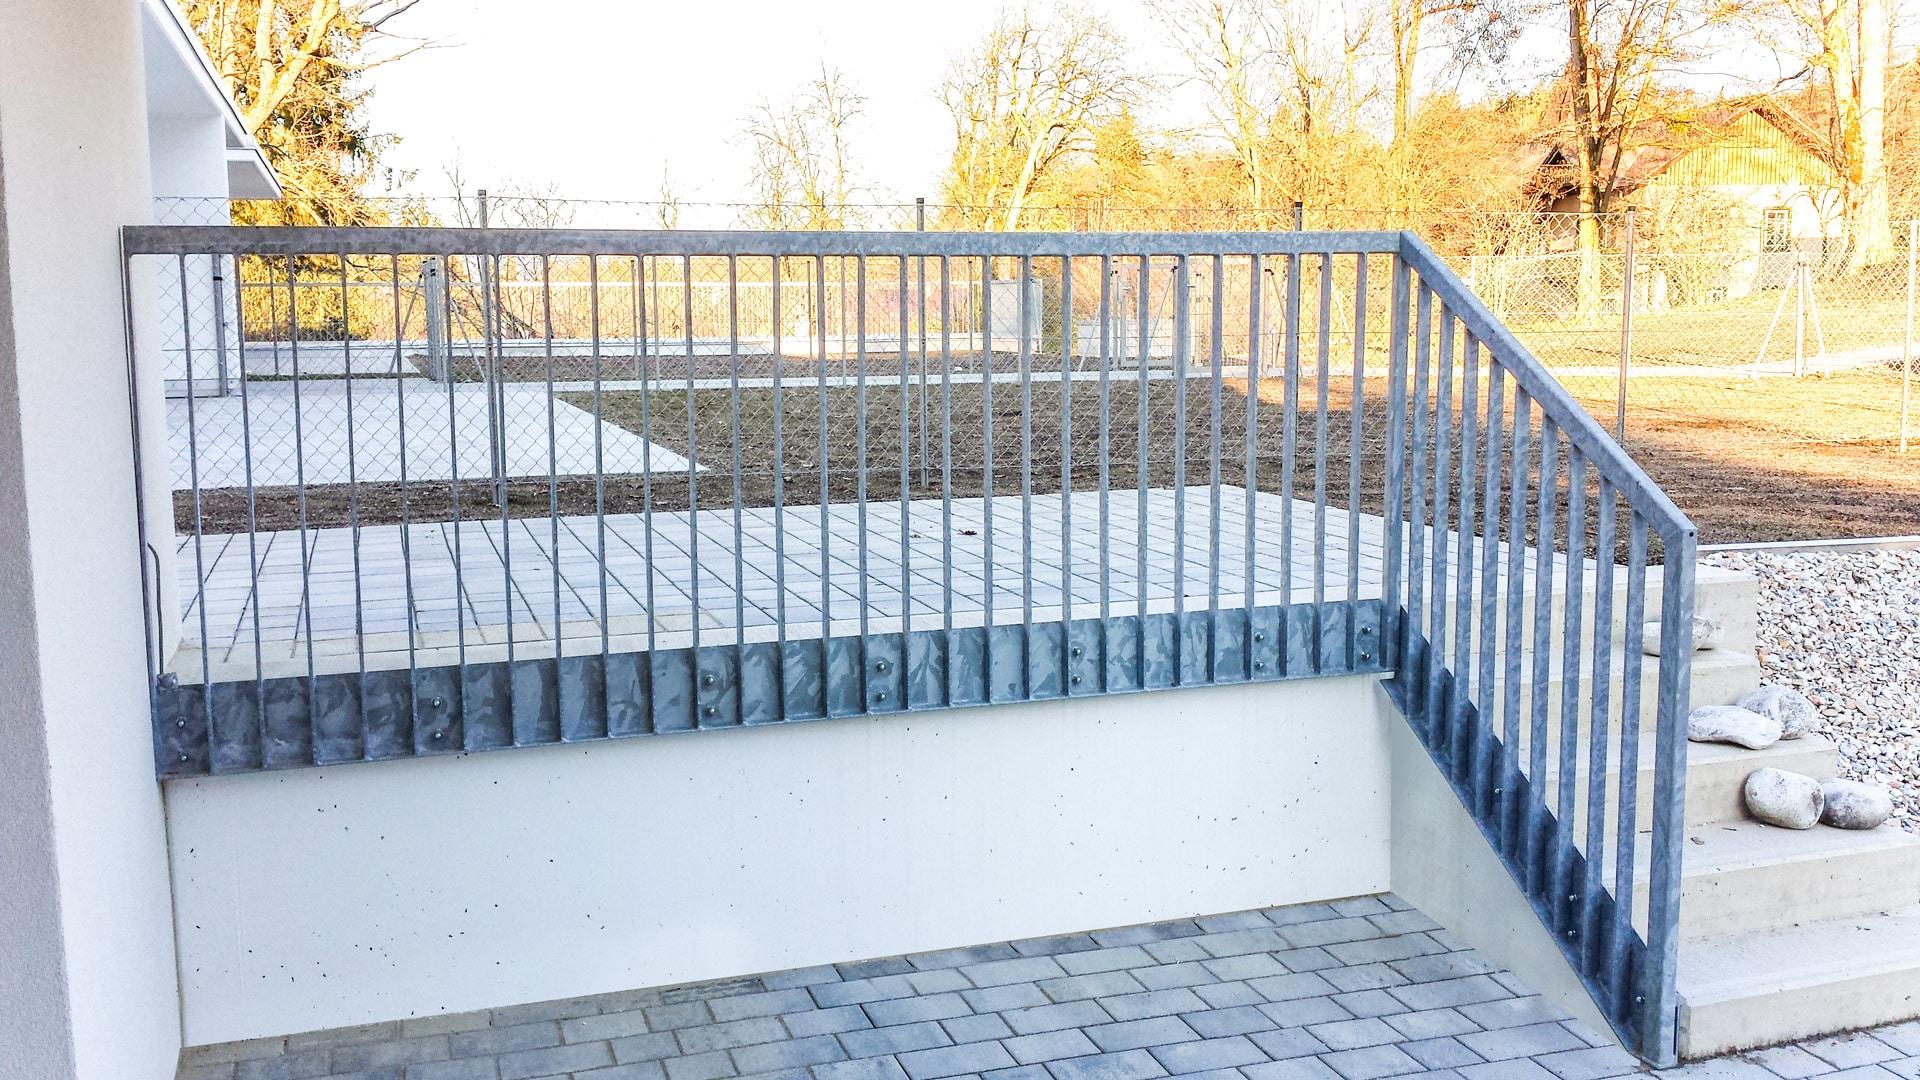 S 33 c   Stahl verzinktes Flachstahl Geländer bei Terrasse und Stiege, stirnseitig montiert   Svoboda